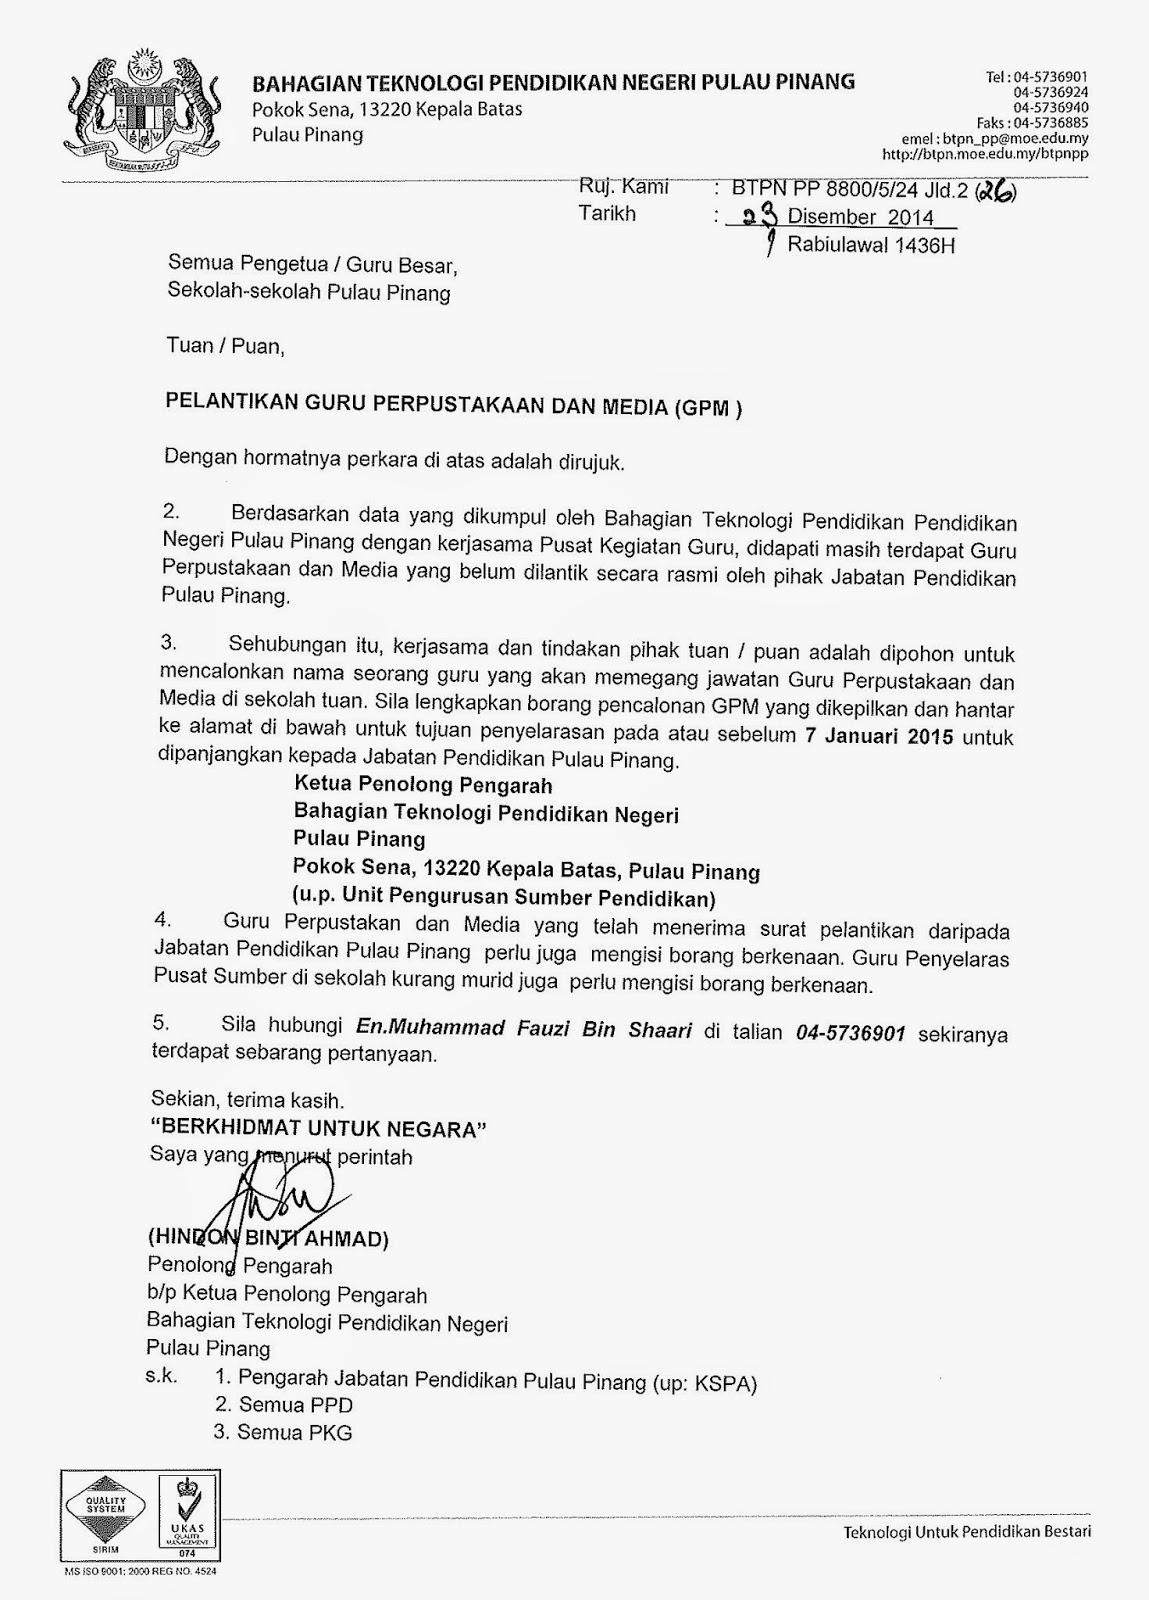 pusat kegiatan guru kelawai surat pelantikan guru perpustakaan dan media gpm 2015